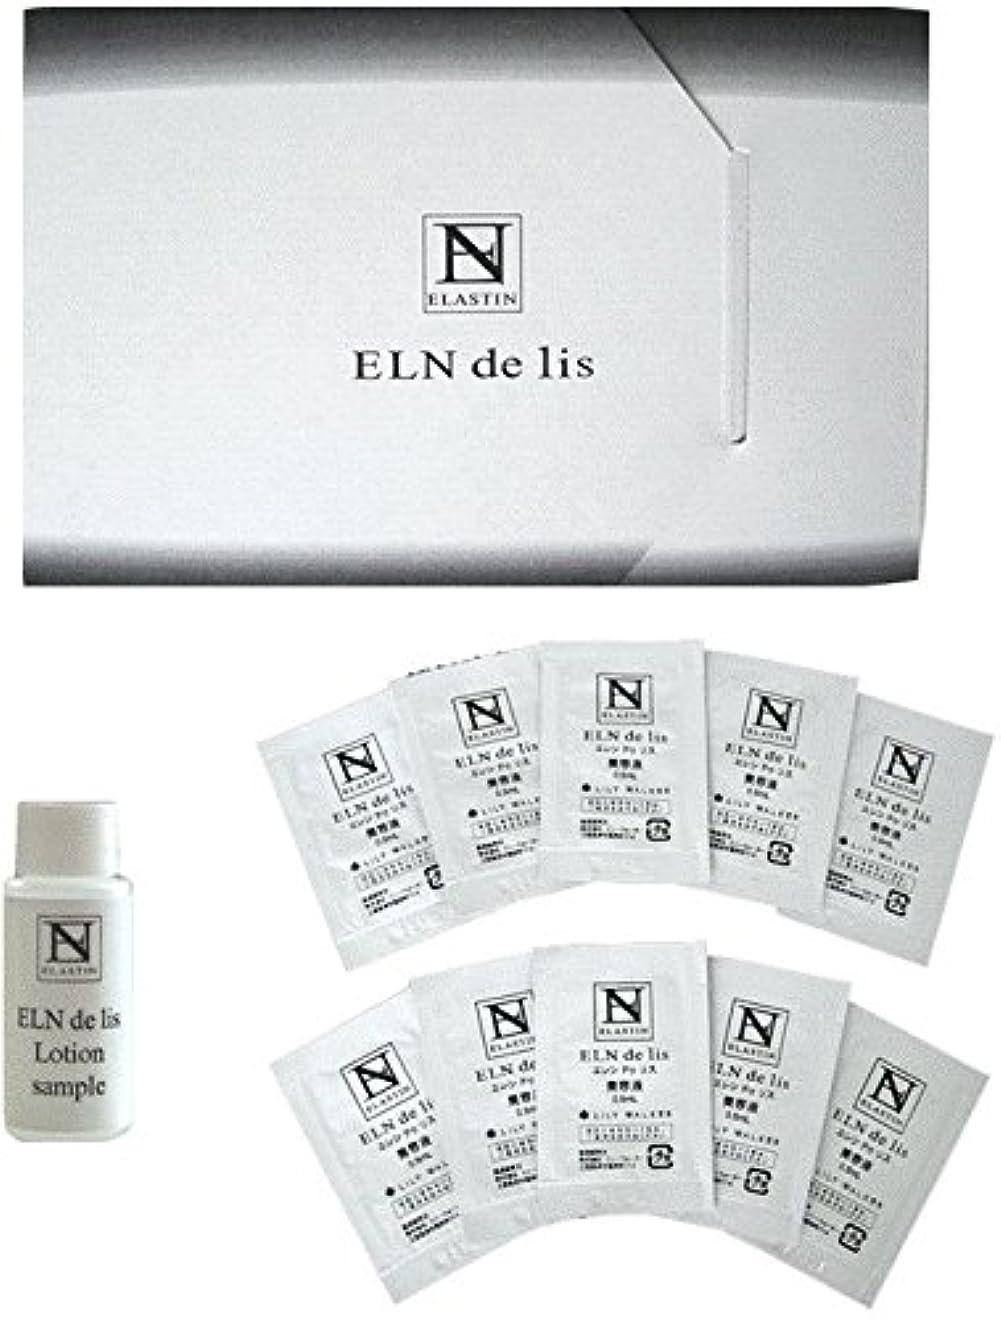 誇り効果売上高生エラスチン配合美容液 エレンドゥリス?10回分トライアルセット 化粧水付き